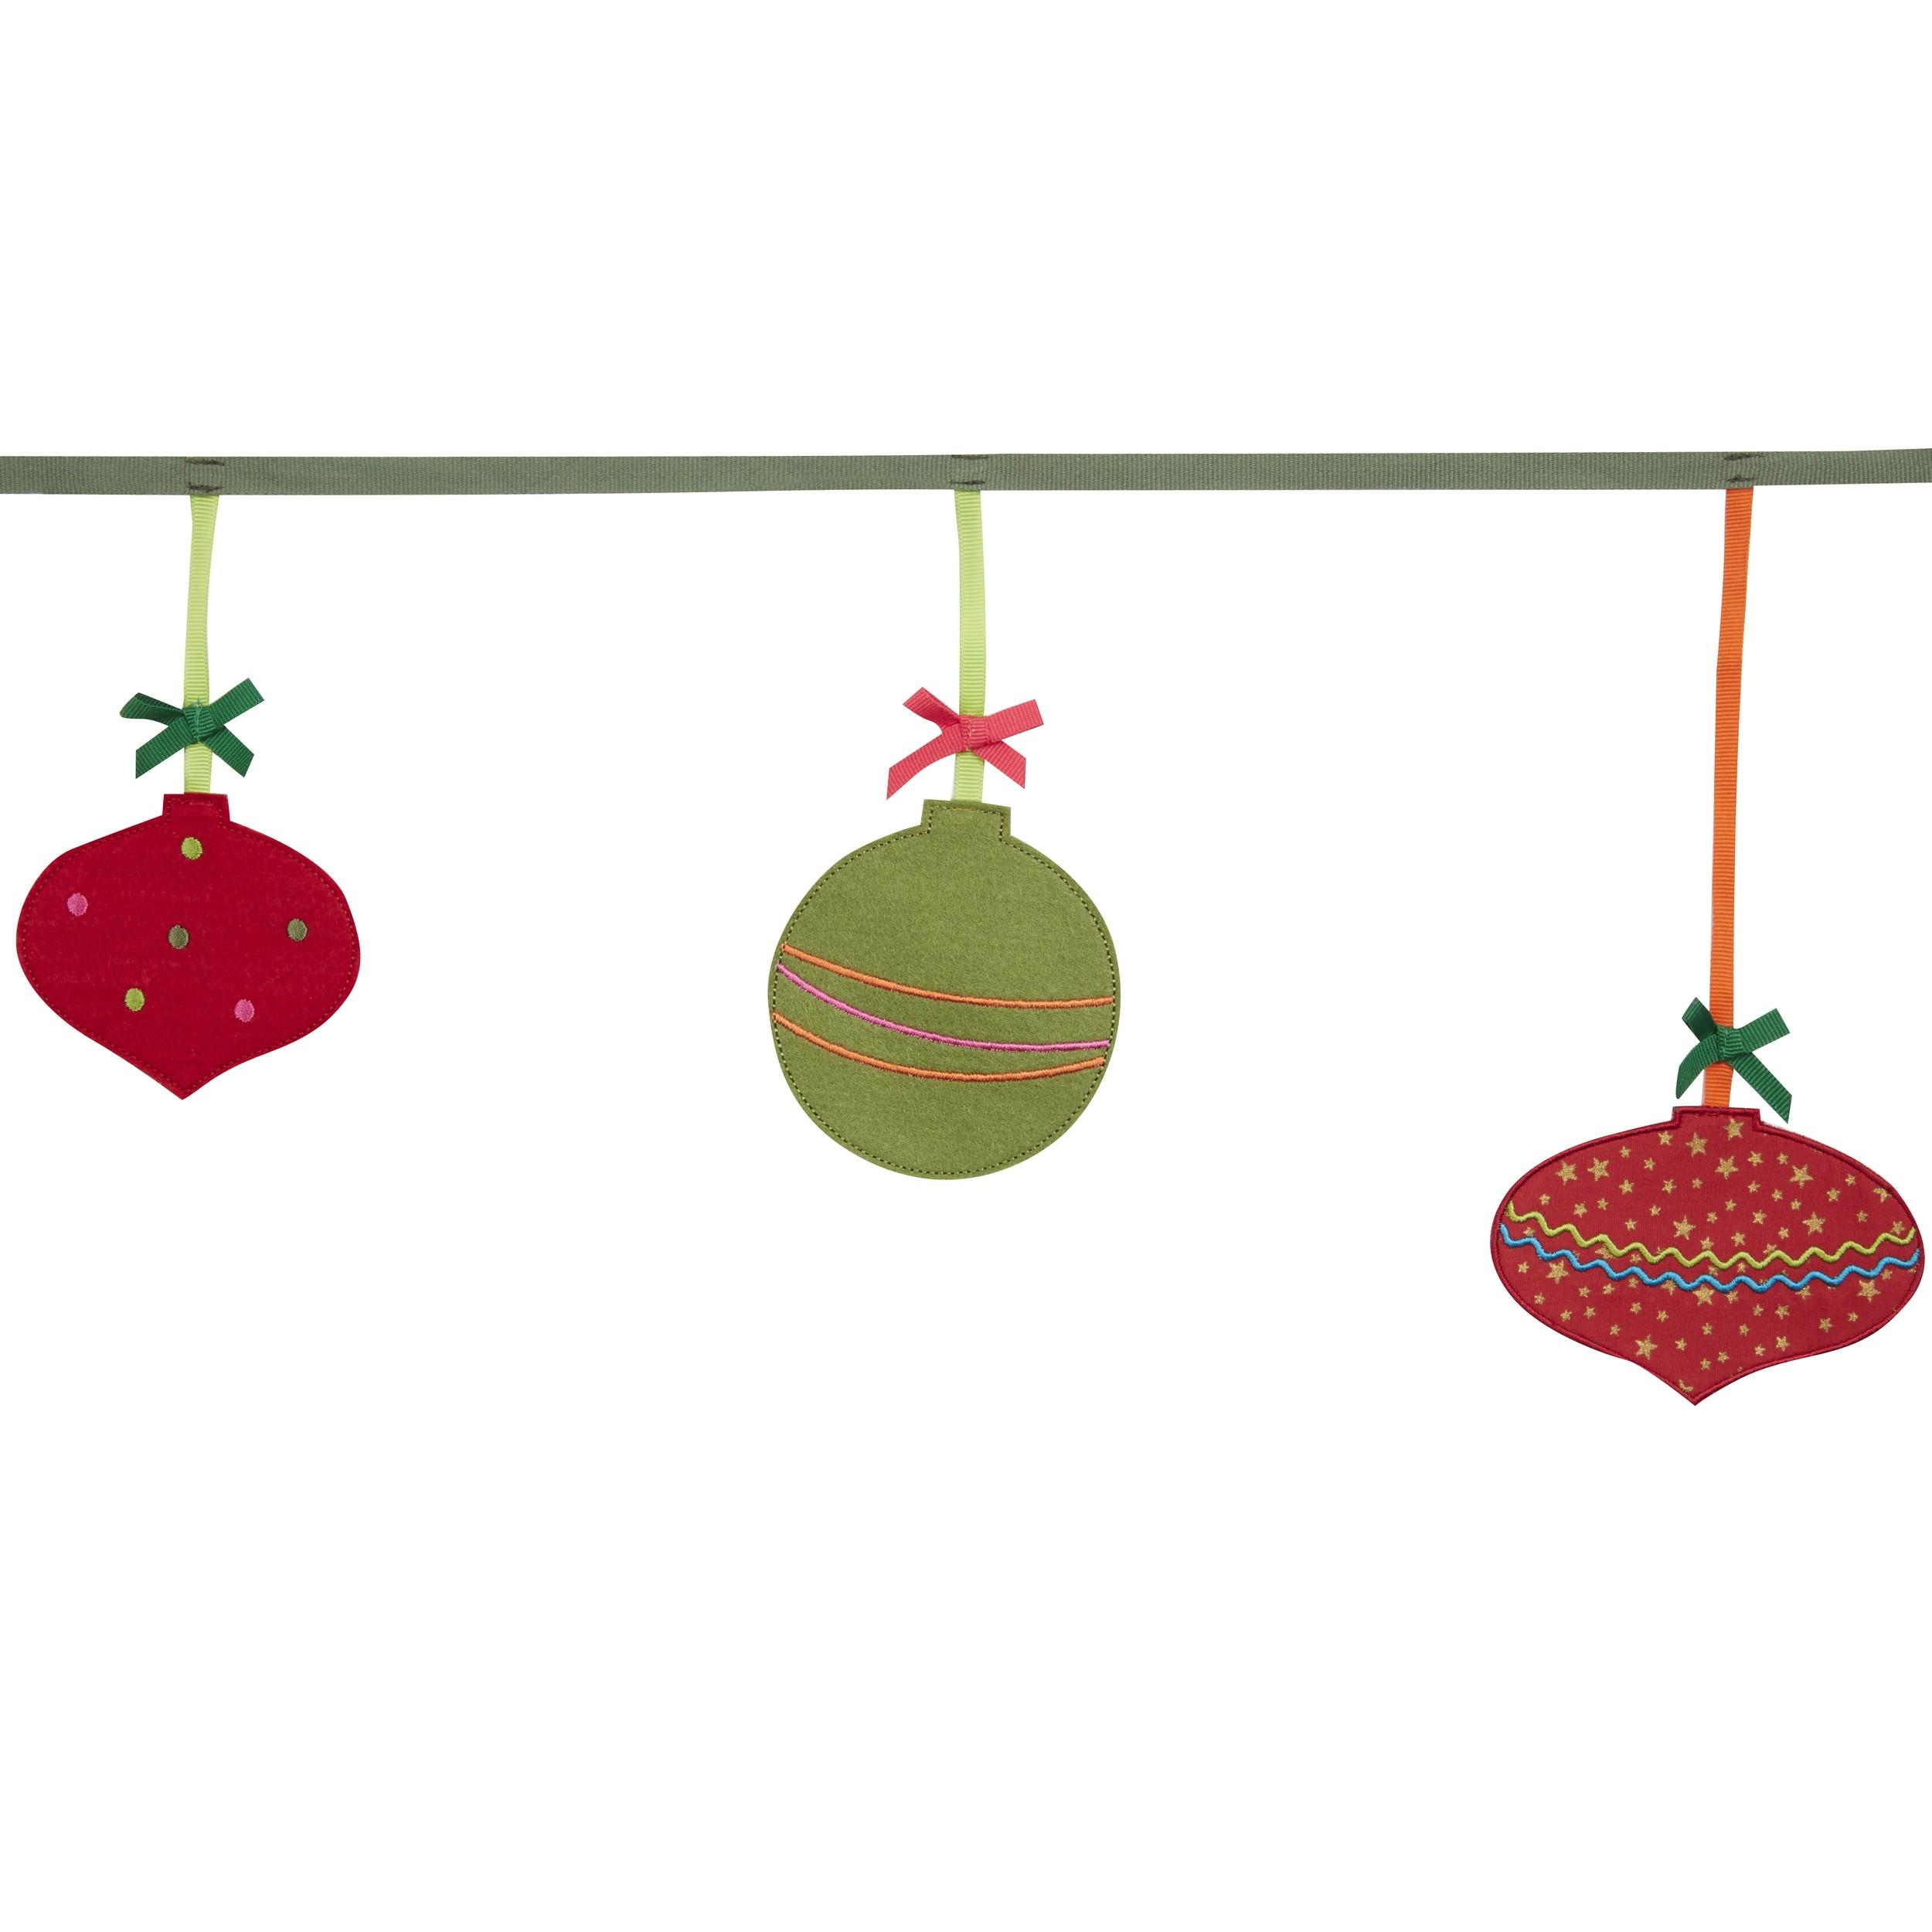 Comprar Guirnalda Bolas De Navidad De Diseno Laura Ashley Decoracion - Guirnalda-navidad